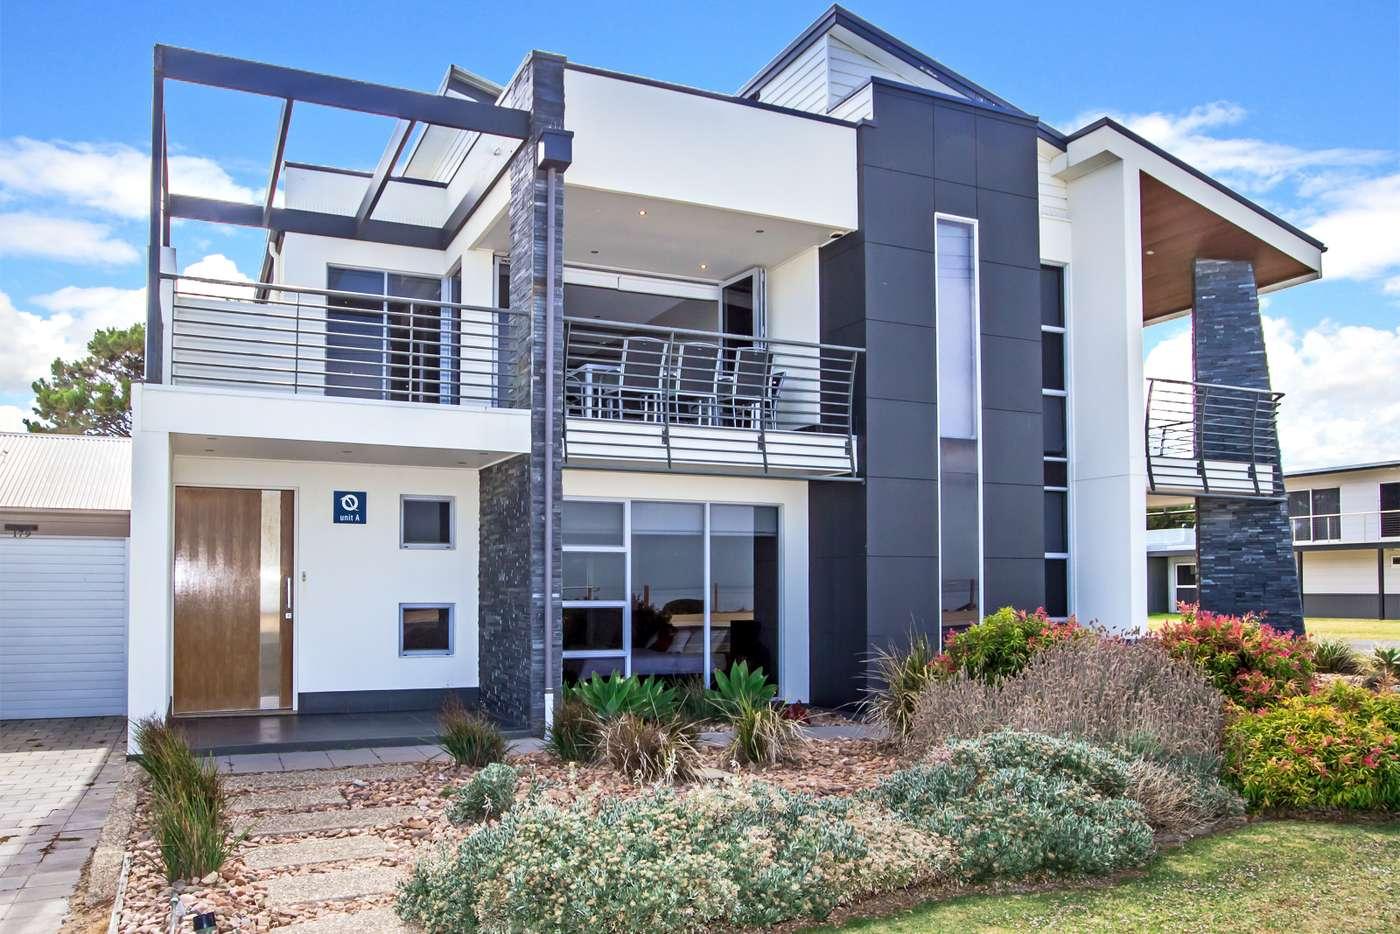 Main view of Homely house listing, 180A Esplanade, Aldinga Beach SA 5173